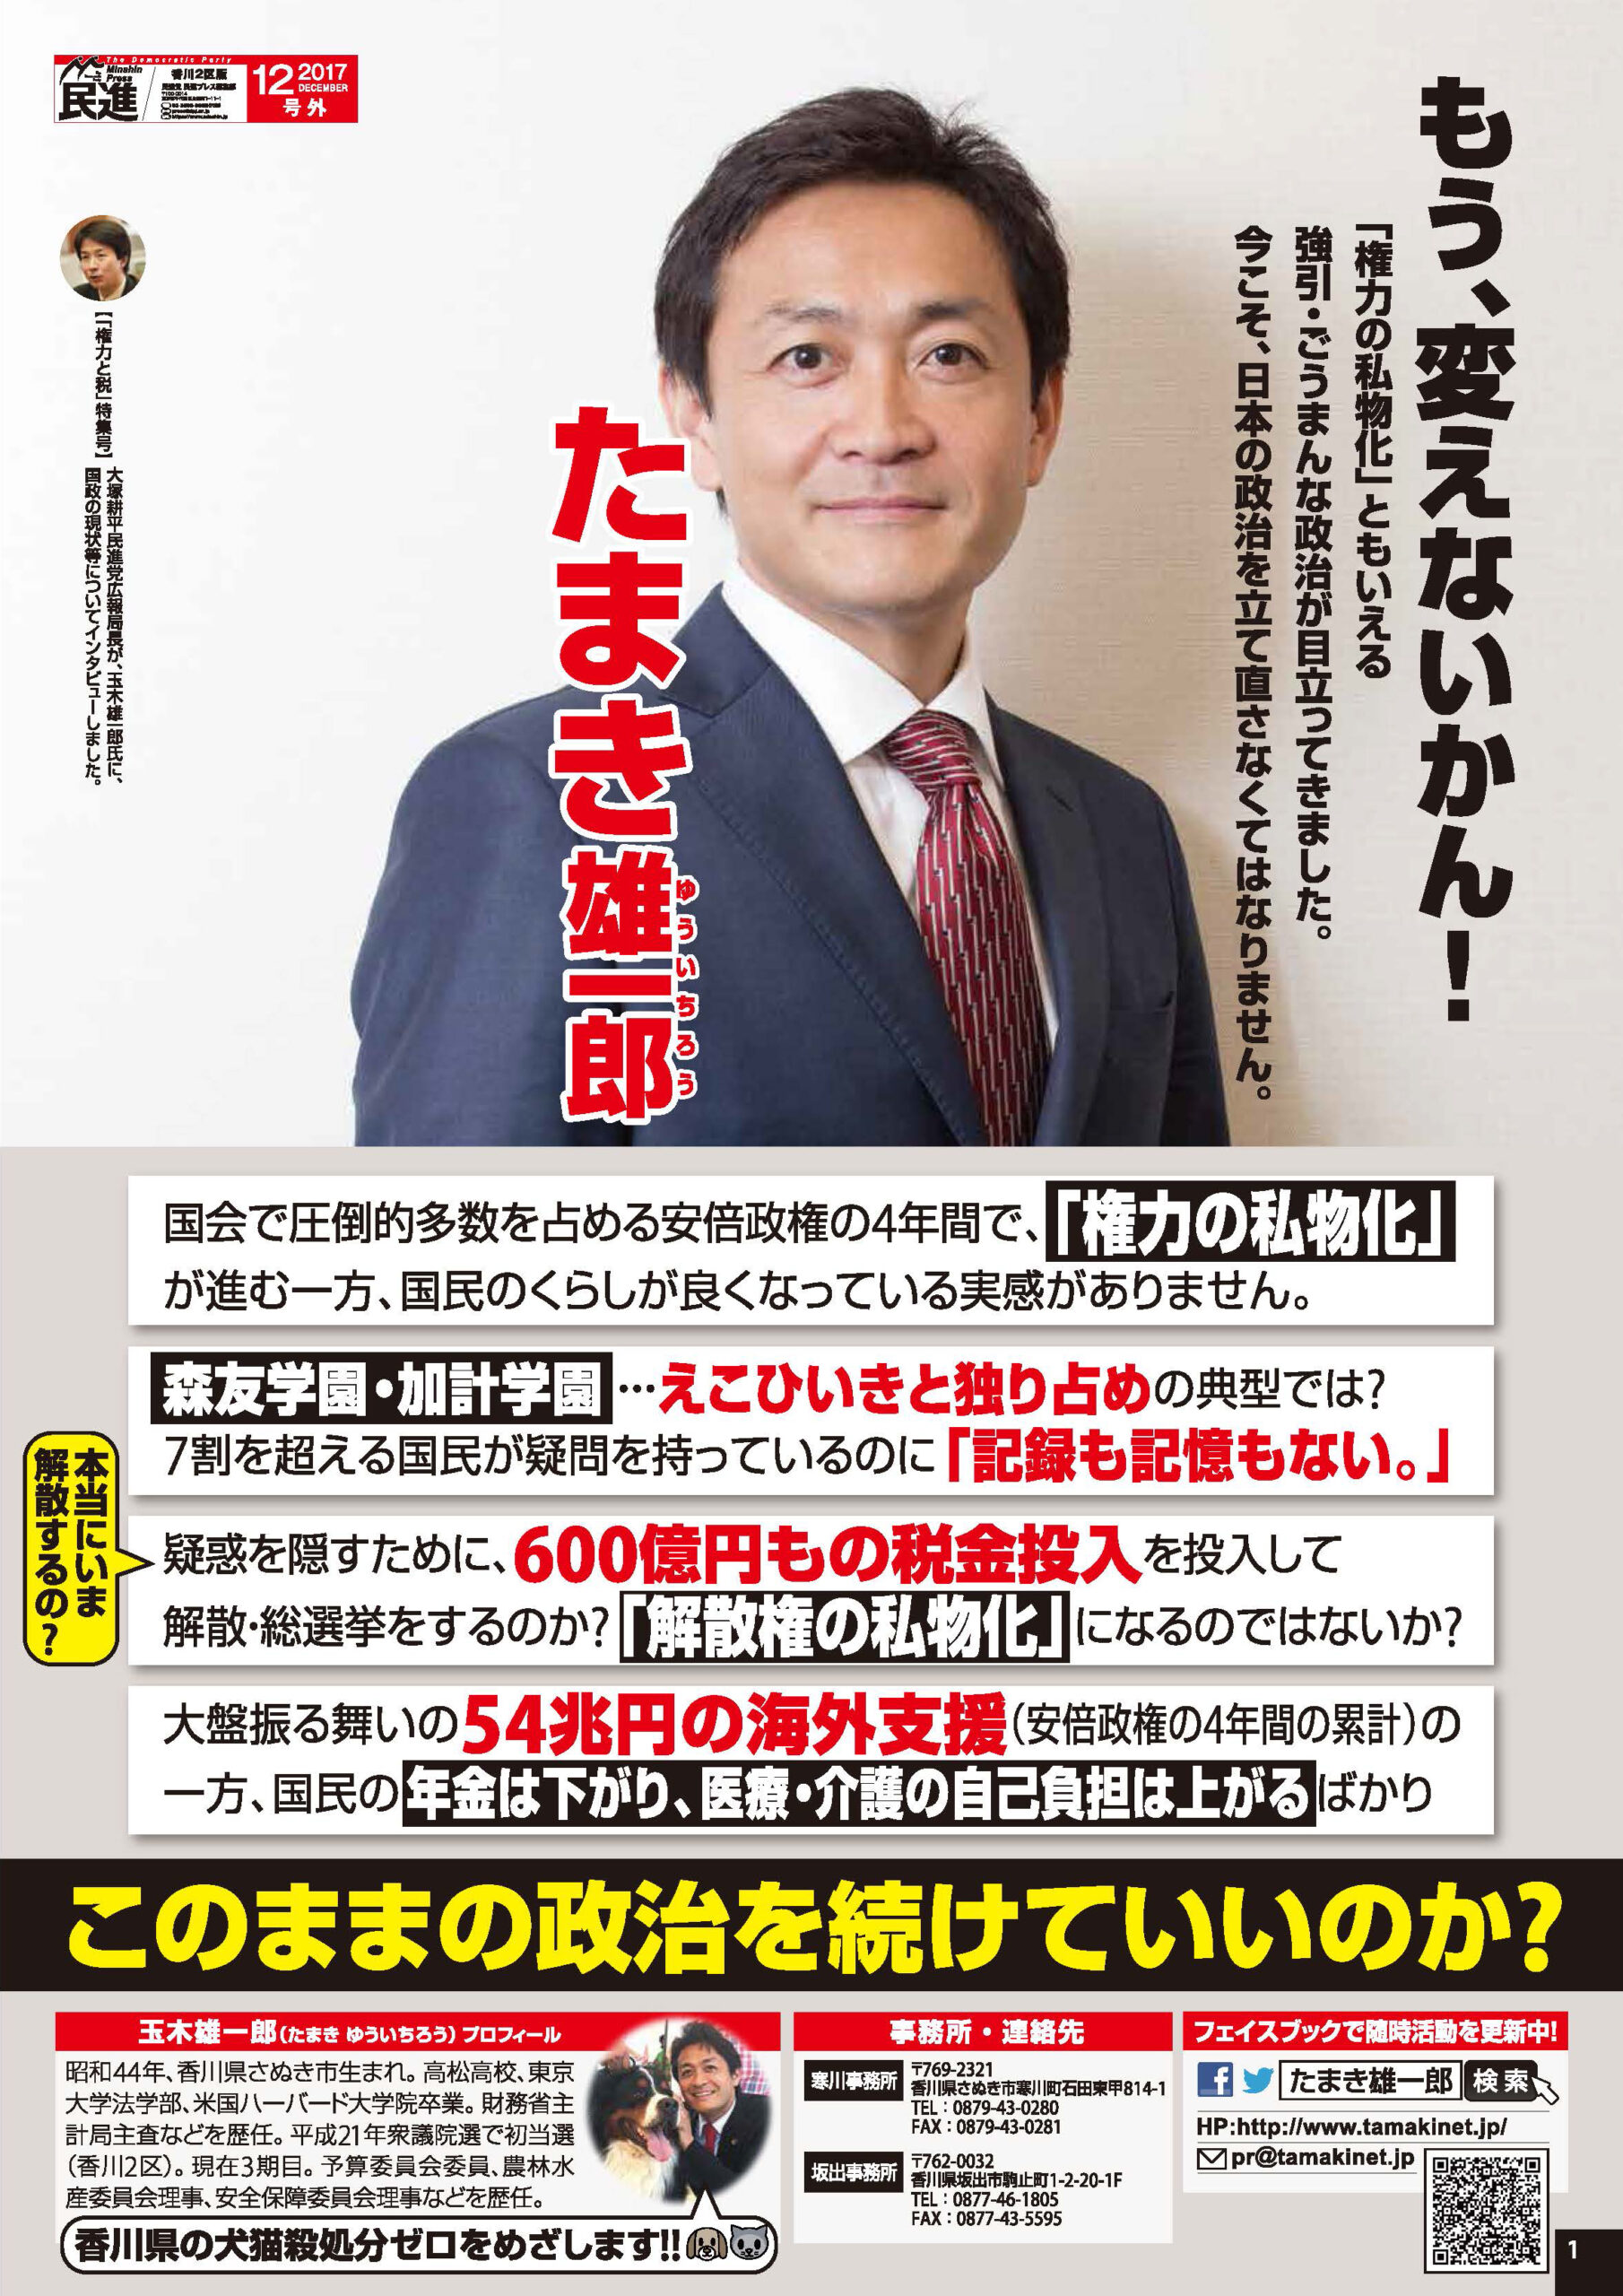 2017/09/21発行 20170921プレス民進